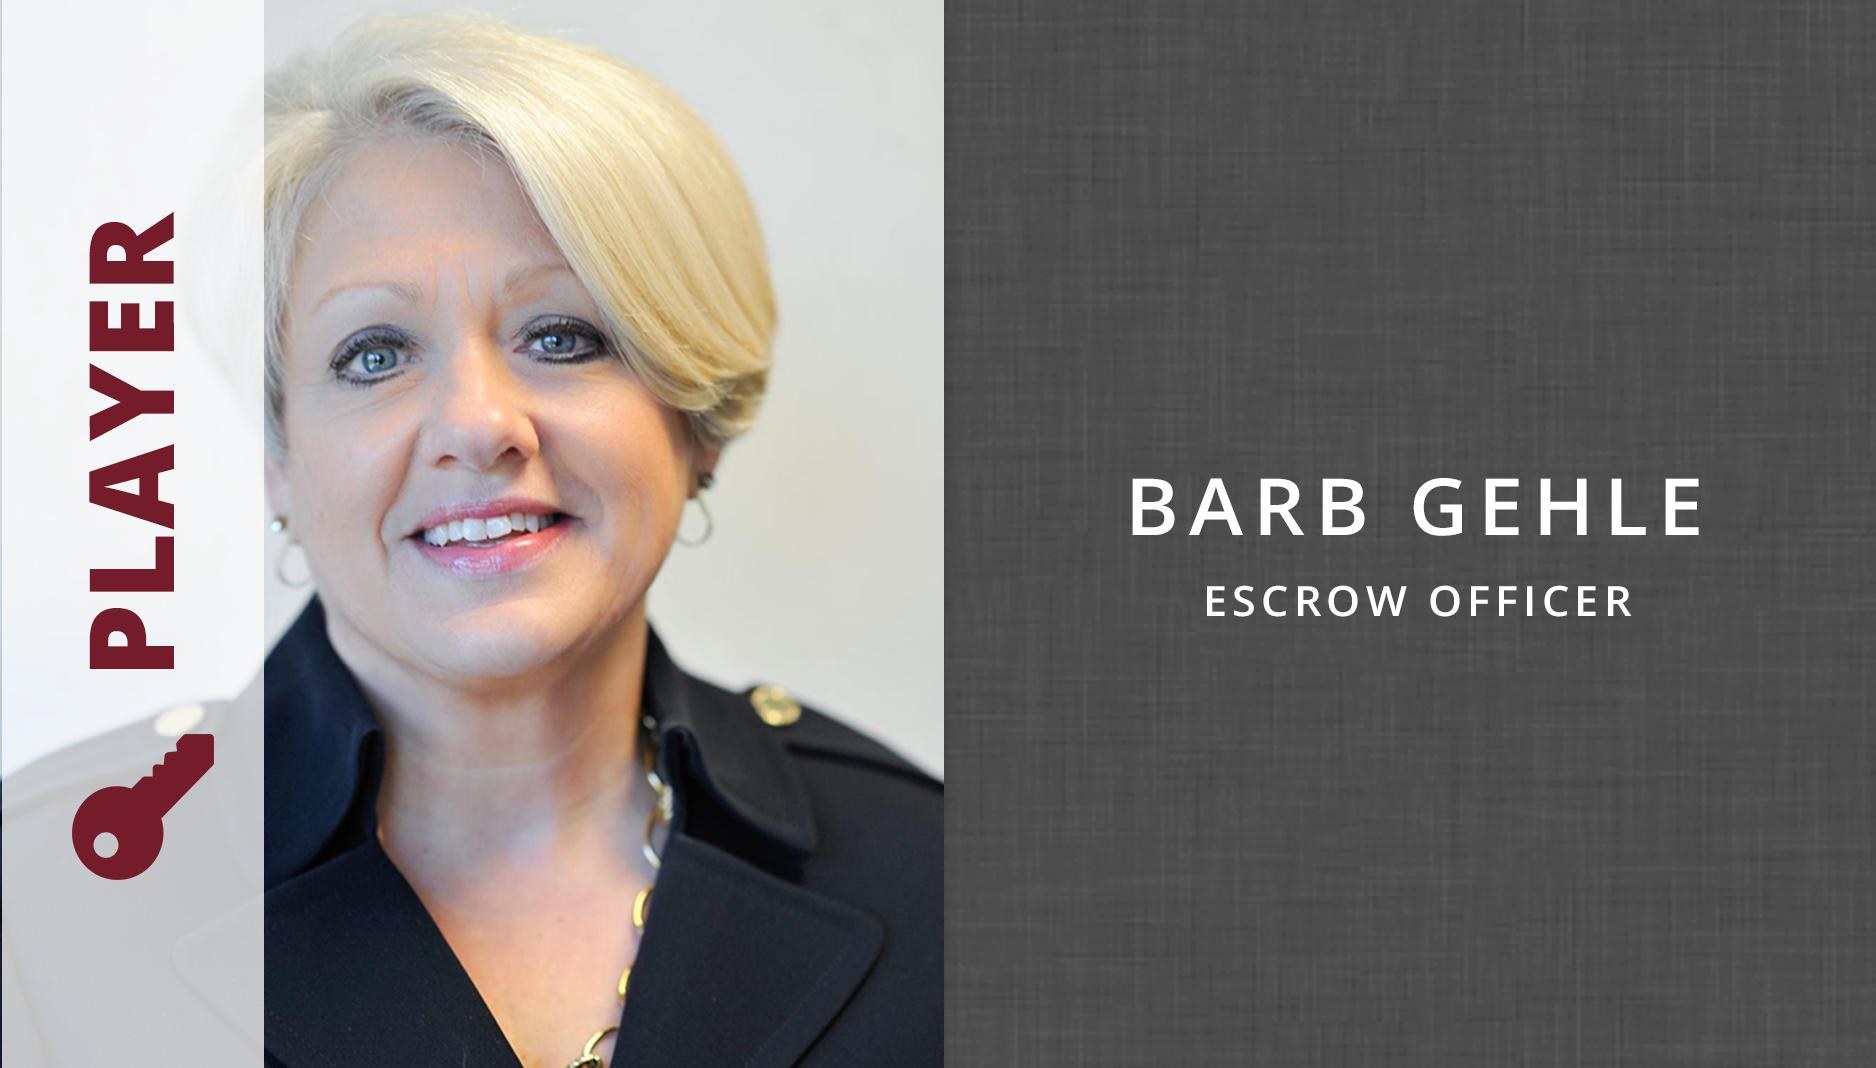 Barb Gehle